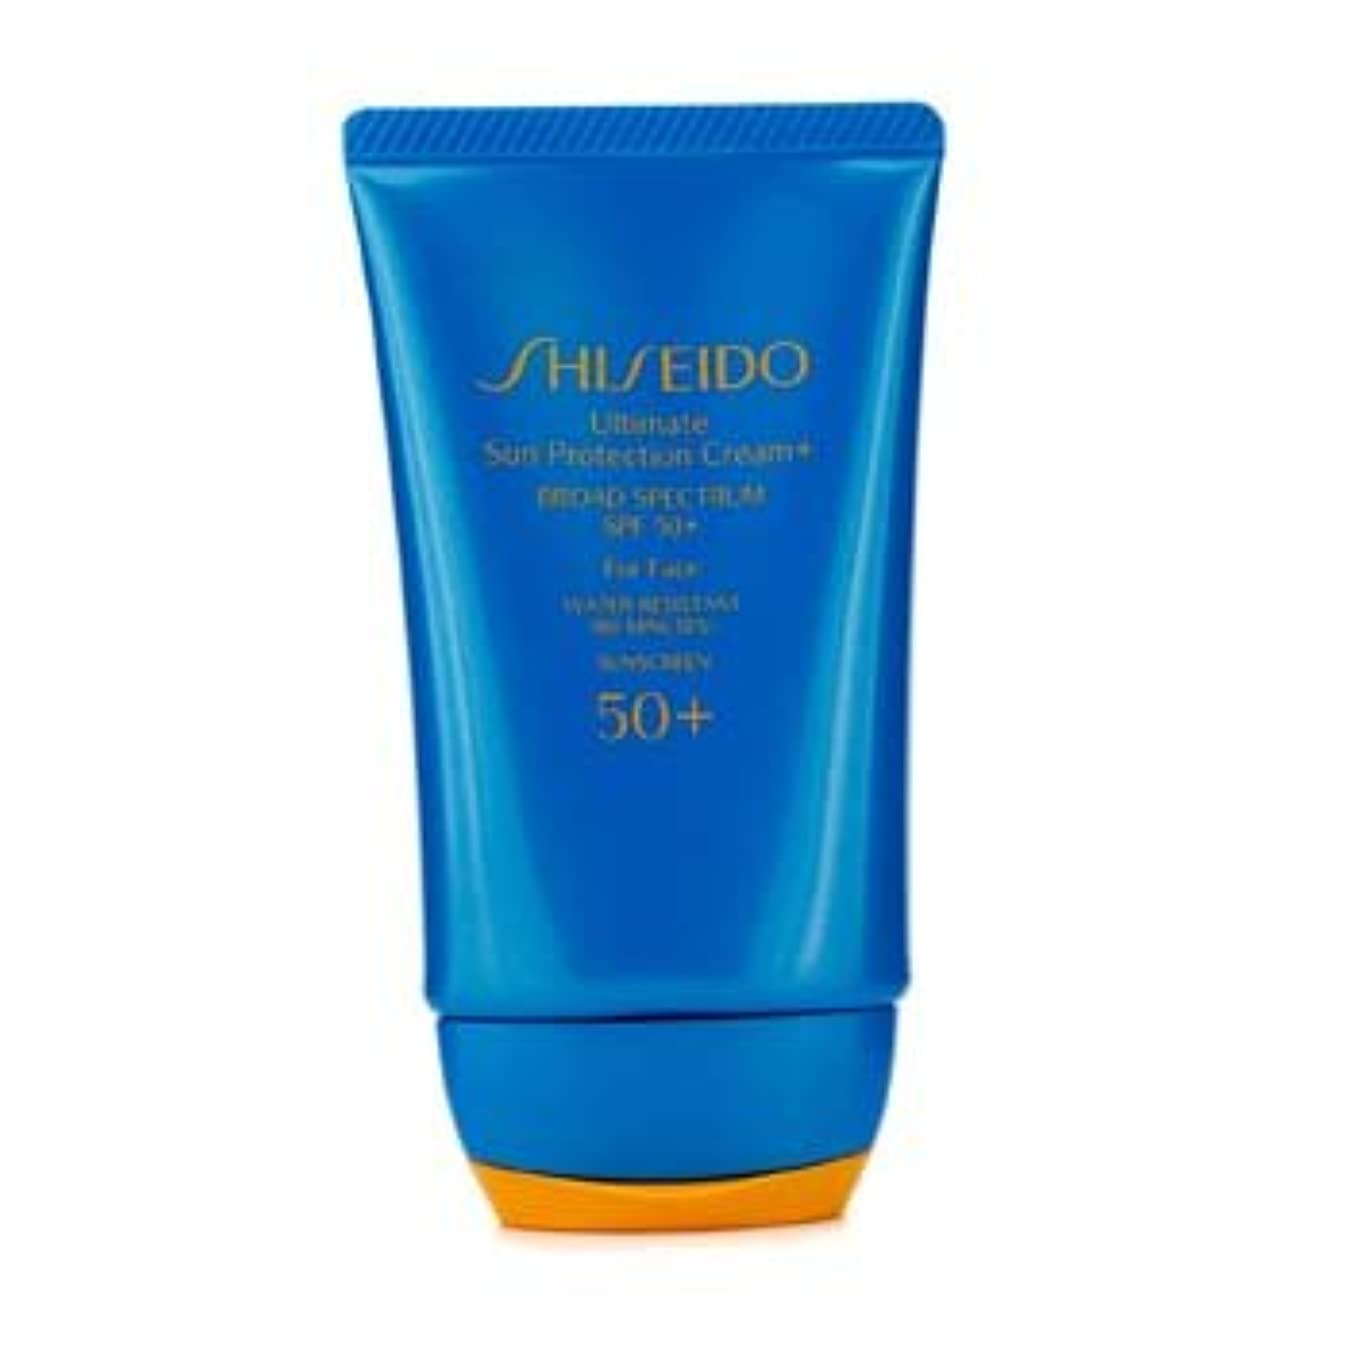 大きい凝視ポーズ[Shiseido] Ultimate Sun Protection Face Cream SPF 50+ 50ml/2.1oz